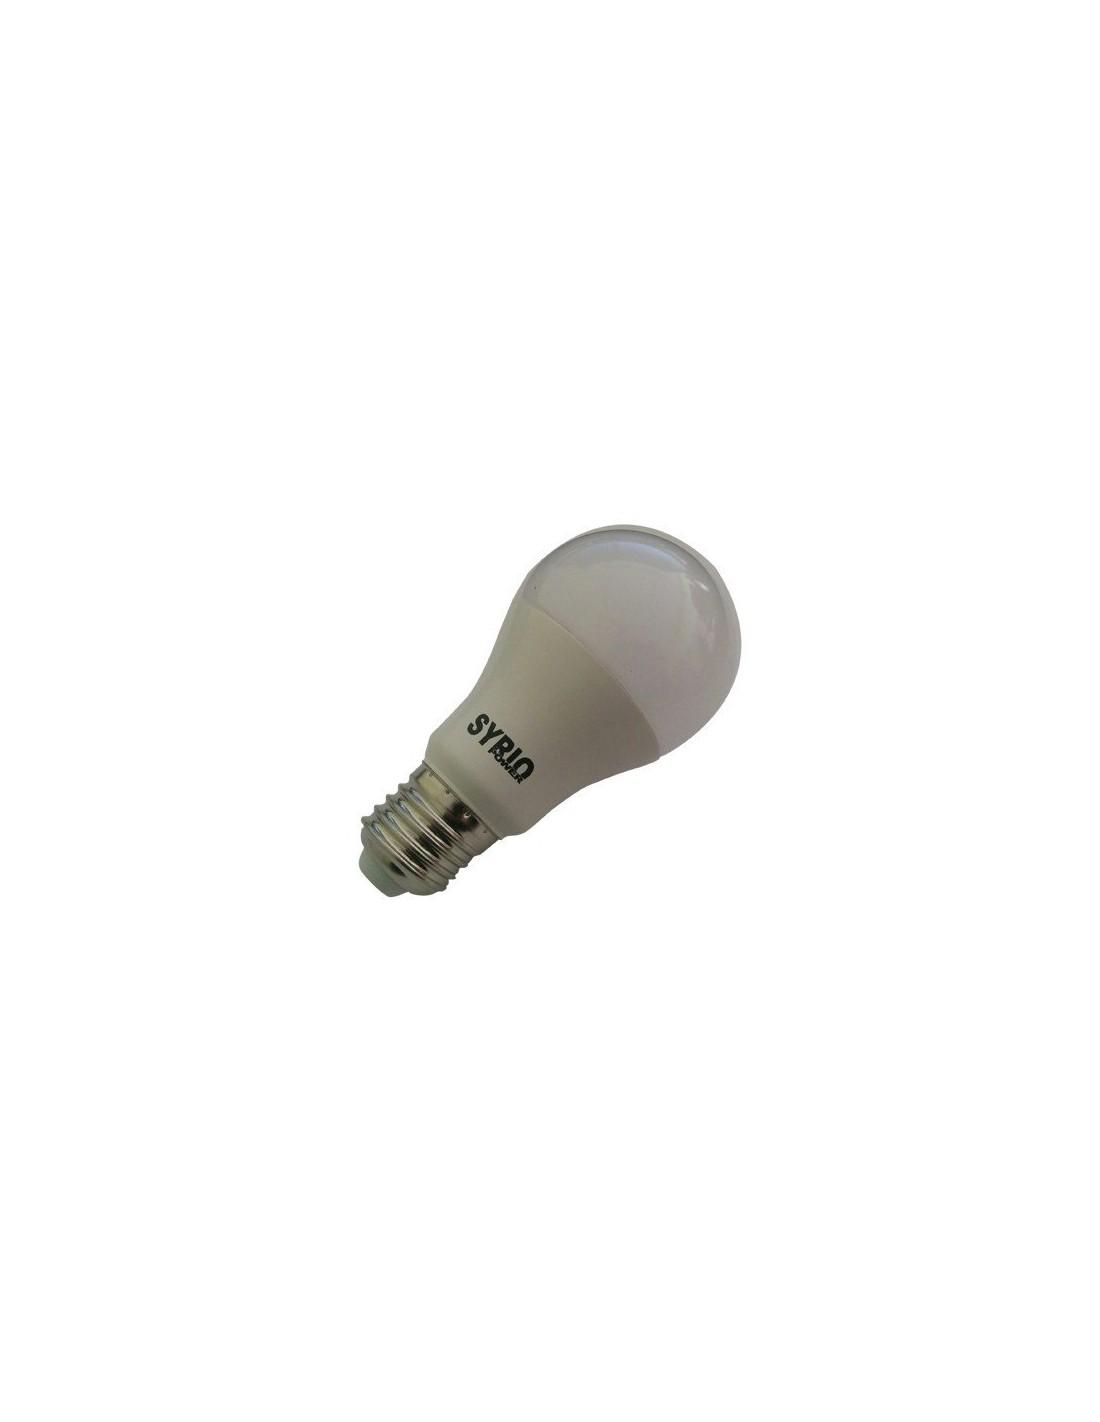 D'éclairage Intérieur Photovoltaique Led Pour Kit Solaire 40w 24v Pn0Okw